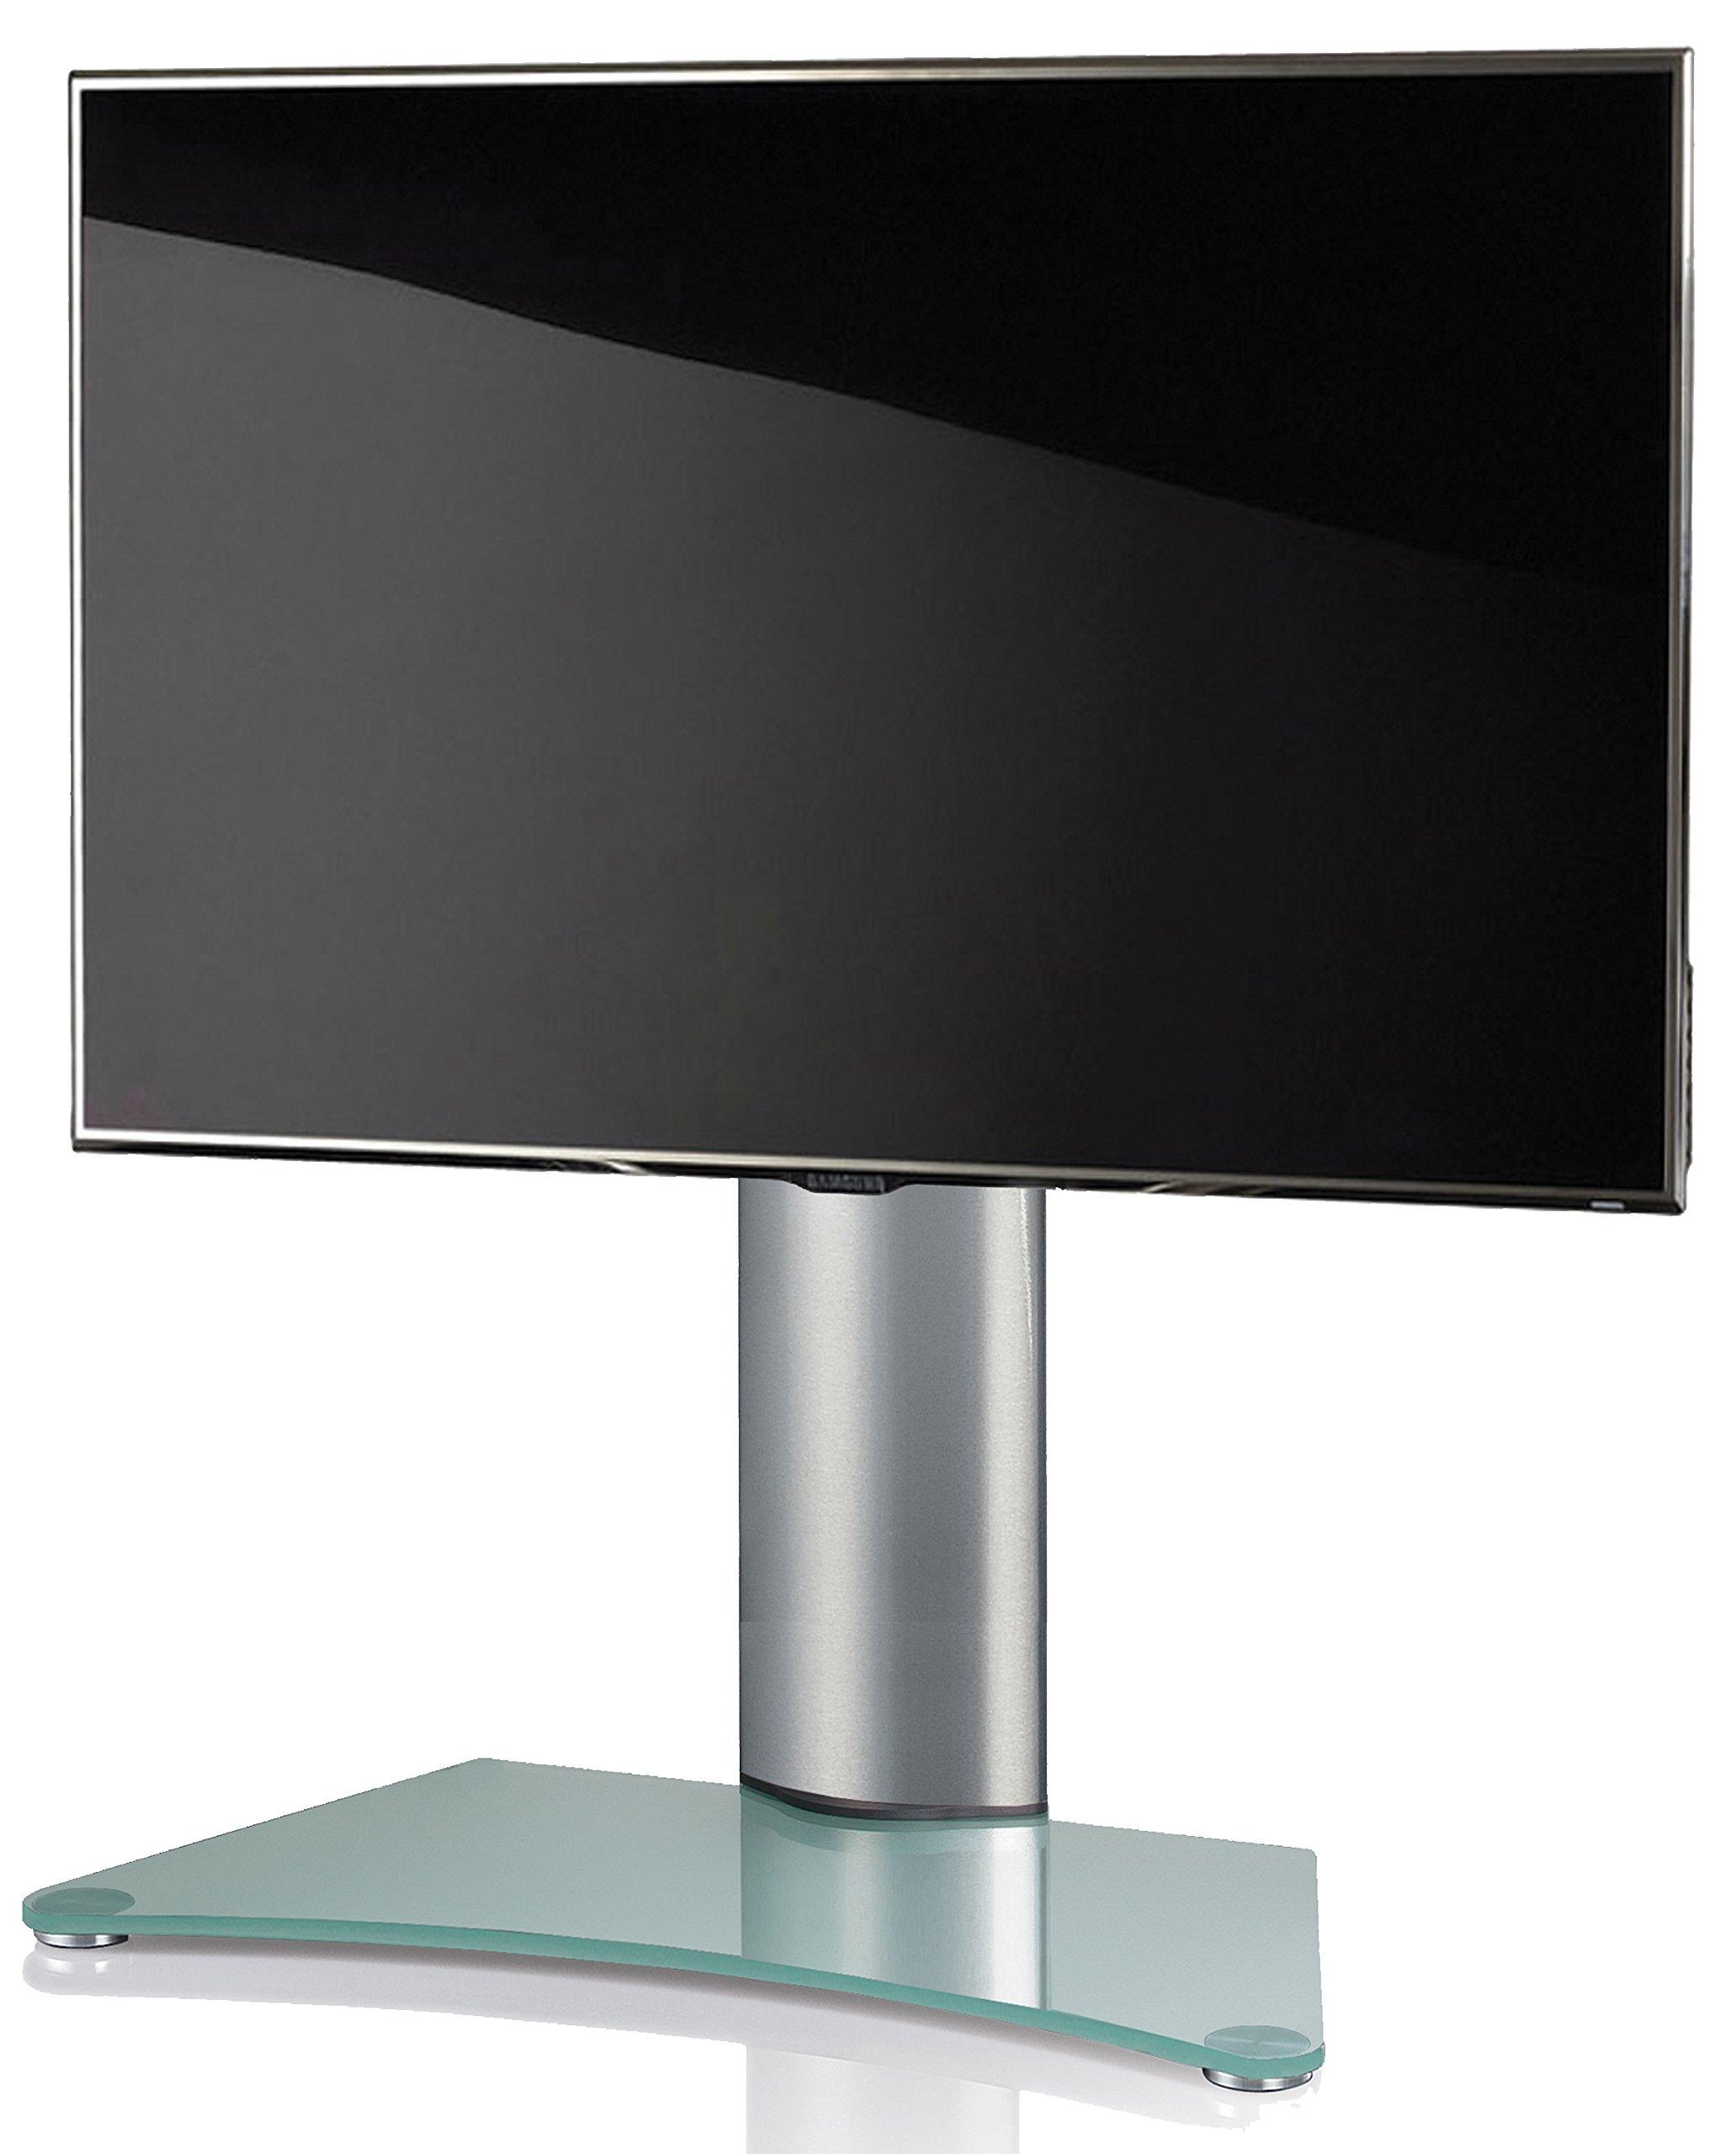 VCM Windoxa Maxi-Soporte de Mesa para TV, Cristal Opaco, Aluminio: Amazon.es: Hogar